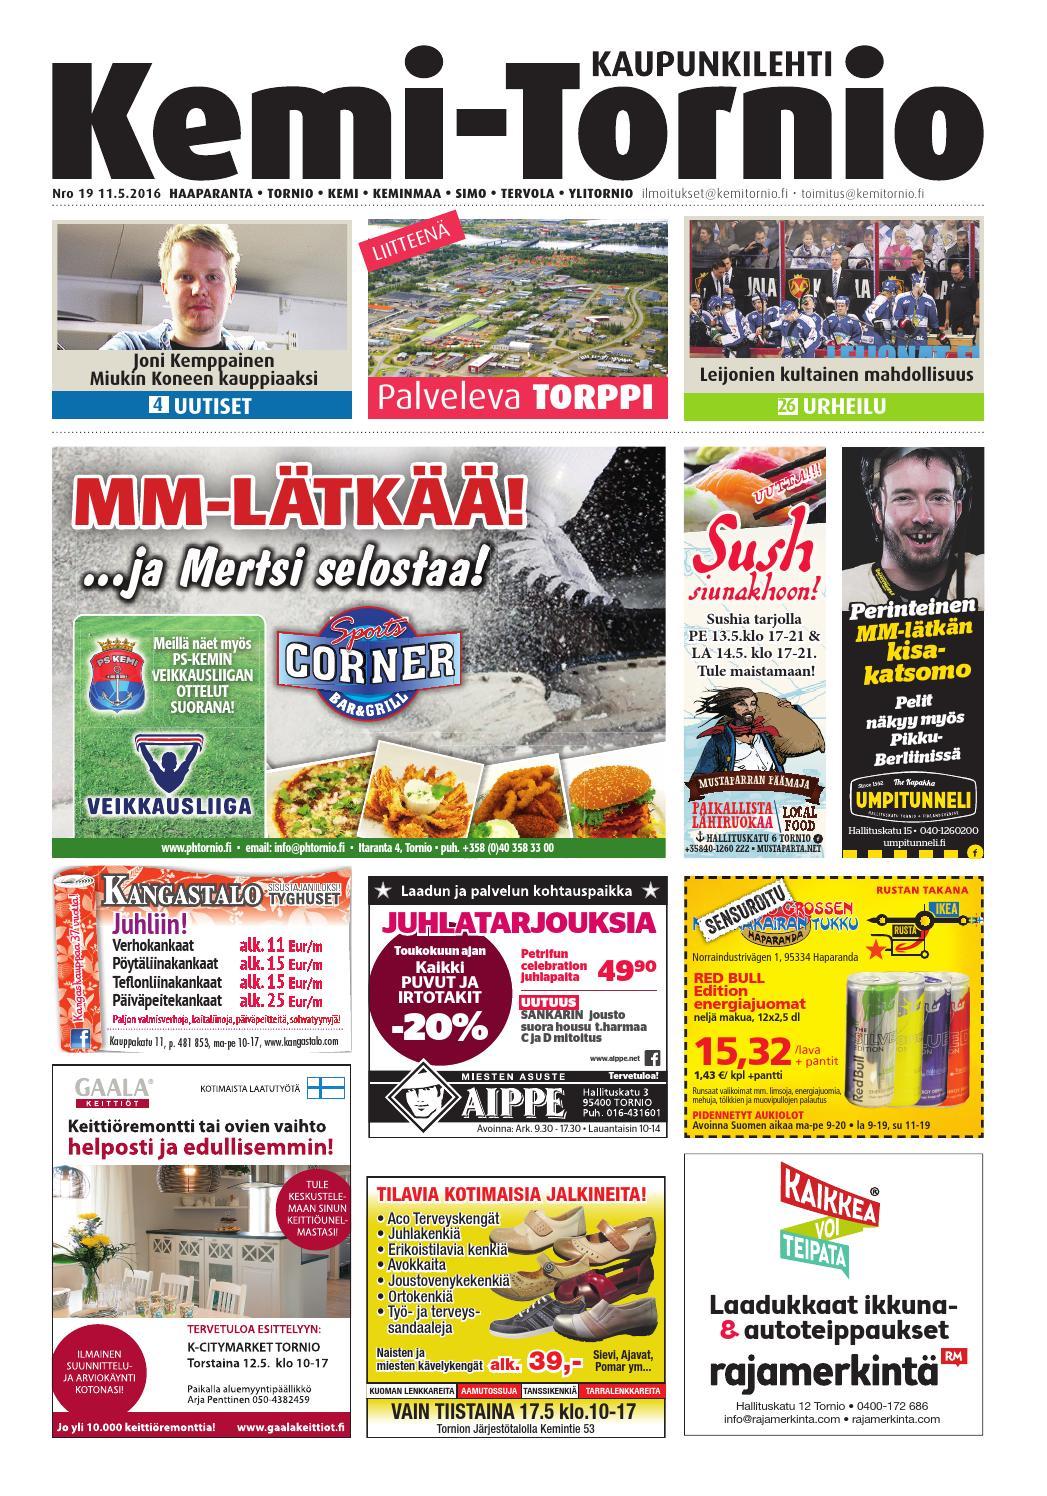 Tampereen säästö-tex oy kemijärvi